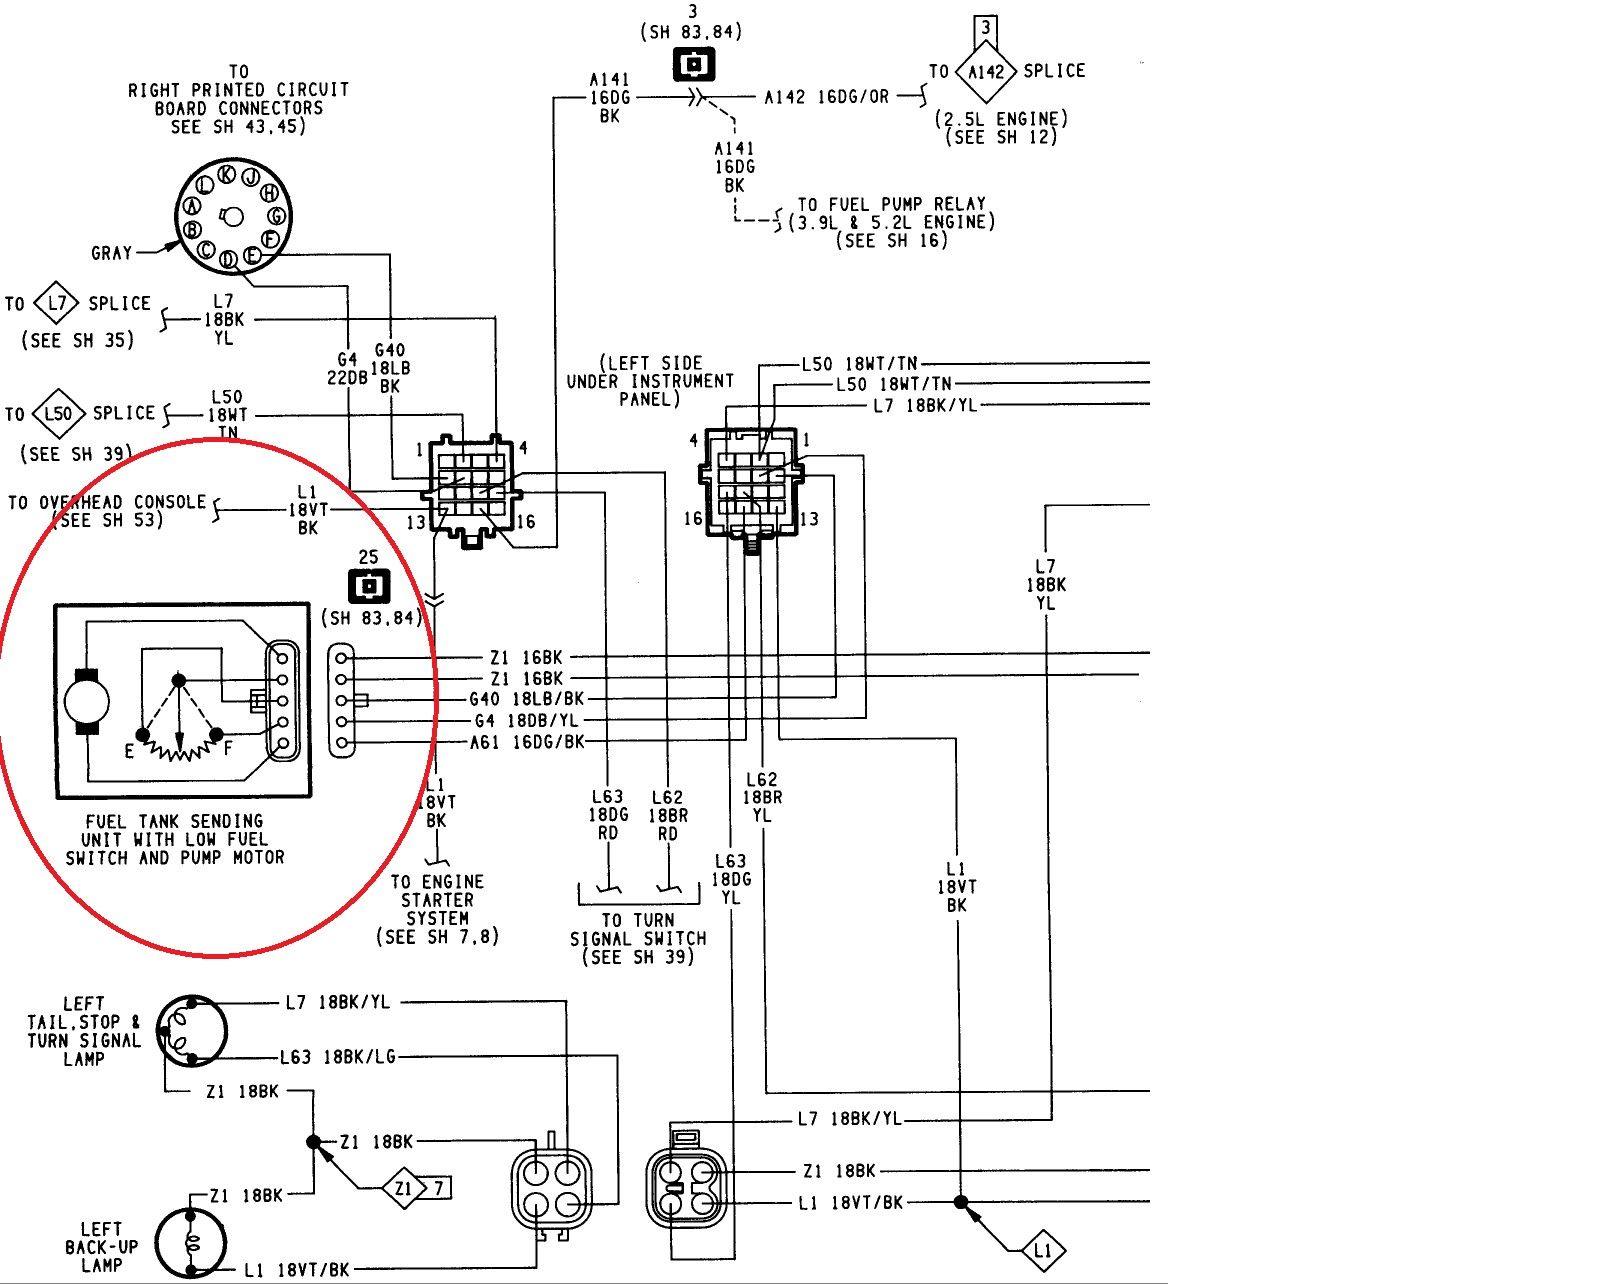 Wiring Diagrams For 2014 Ram 1500 In 2021 Dodge Ram 1500 Diagram Dodge Dakota